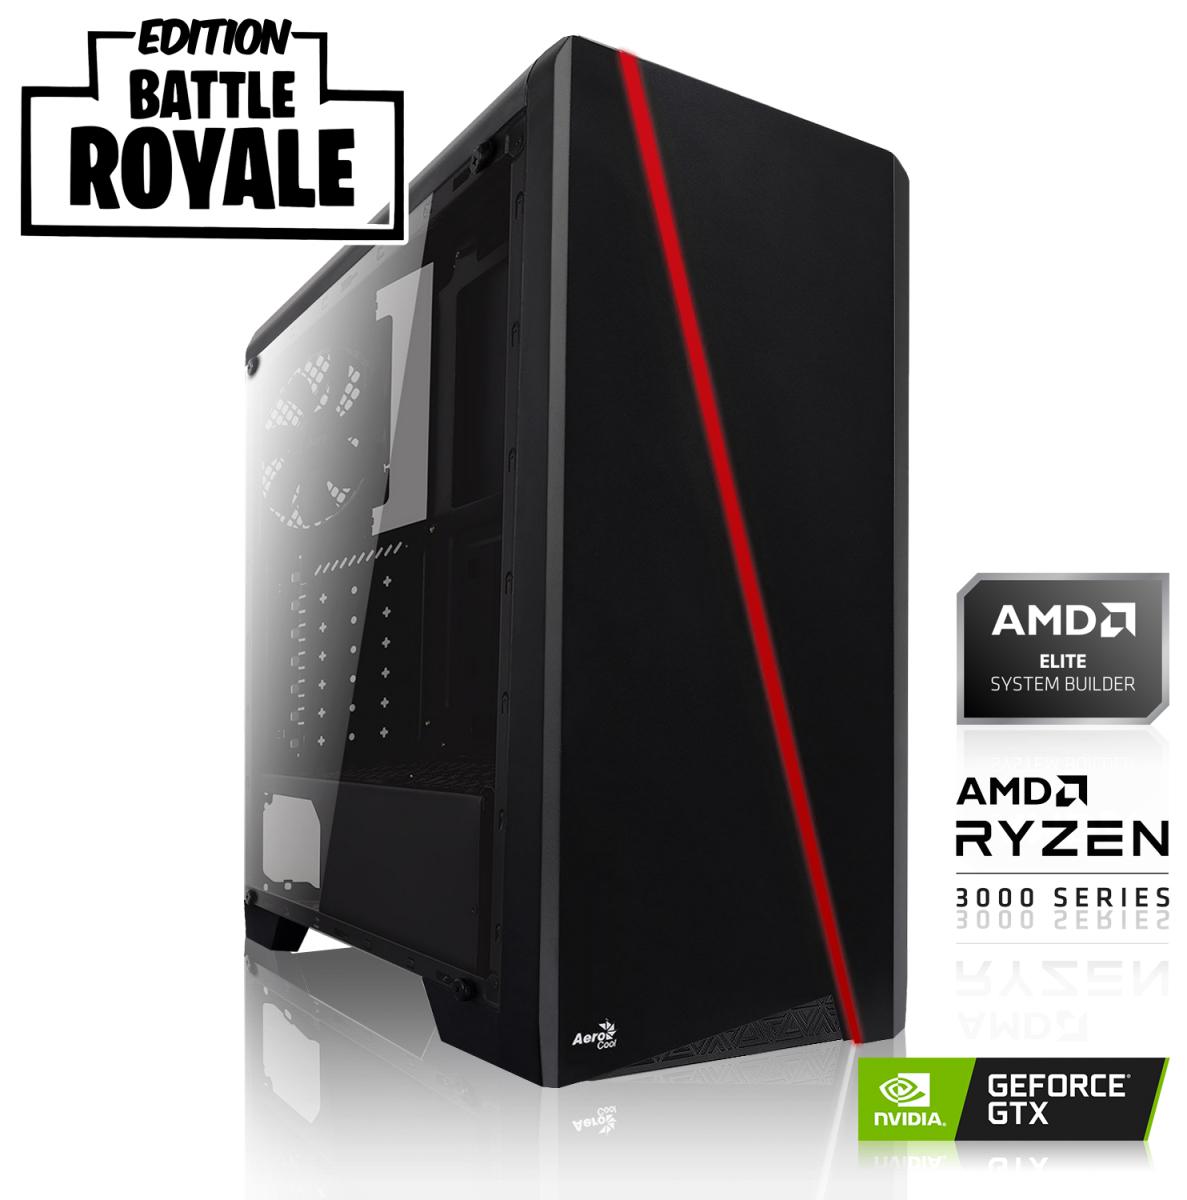 Sélection de PC Fixe en promotion - Ex : Battle Royale Édition - Ryzen 5 3600, 16 Go RAM, 1 To + 240 Go SSD, GTX 1660 Super 6 Go, sans OS